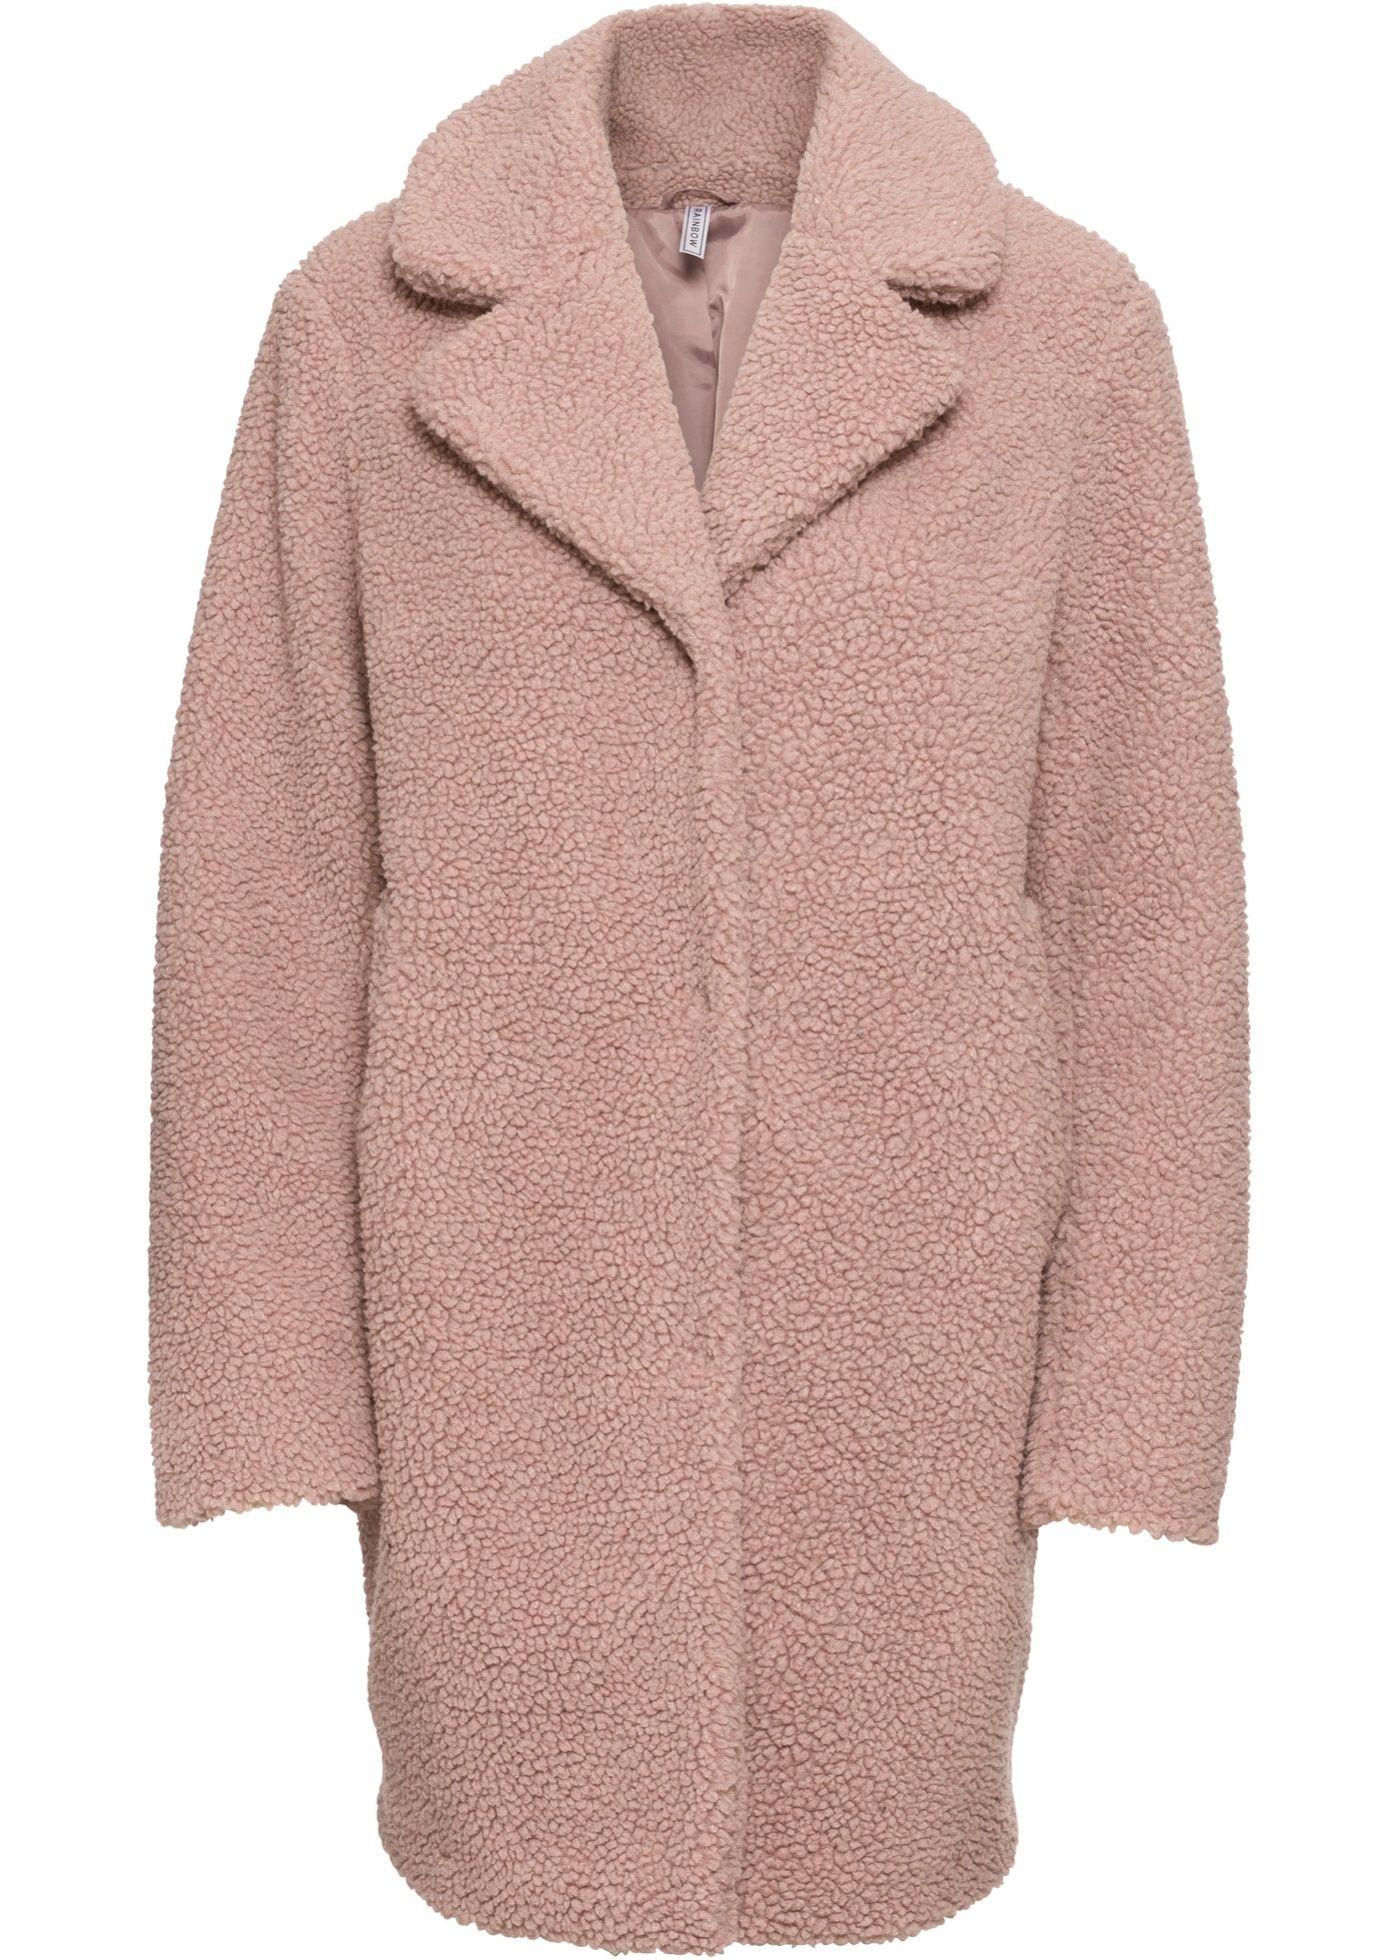 Teddyfell Kurzmantel Mantel Mantel Damen Und Outfit